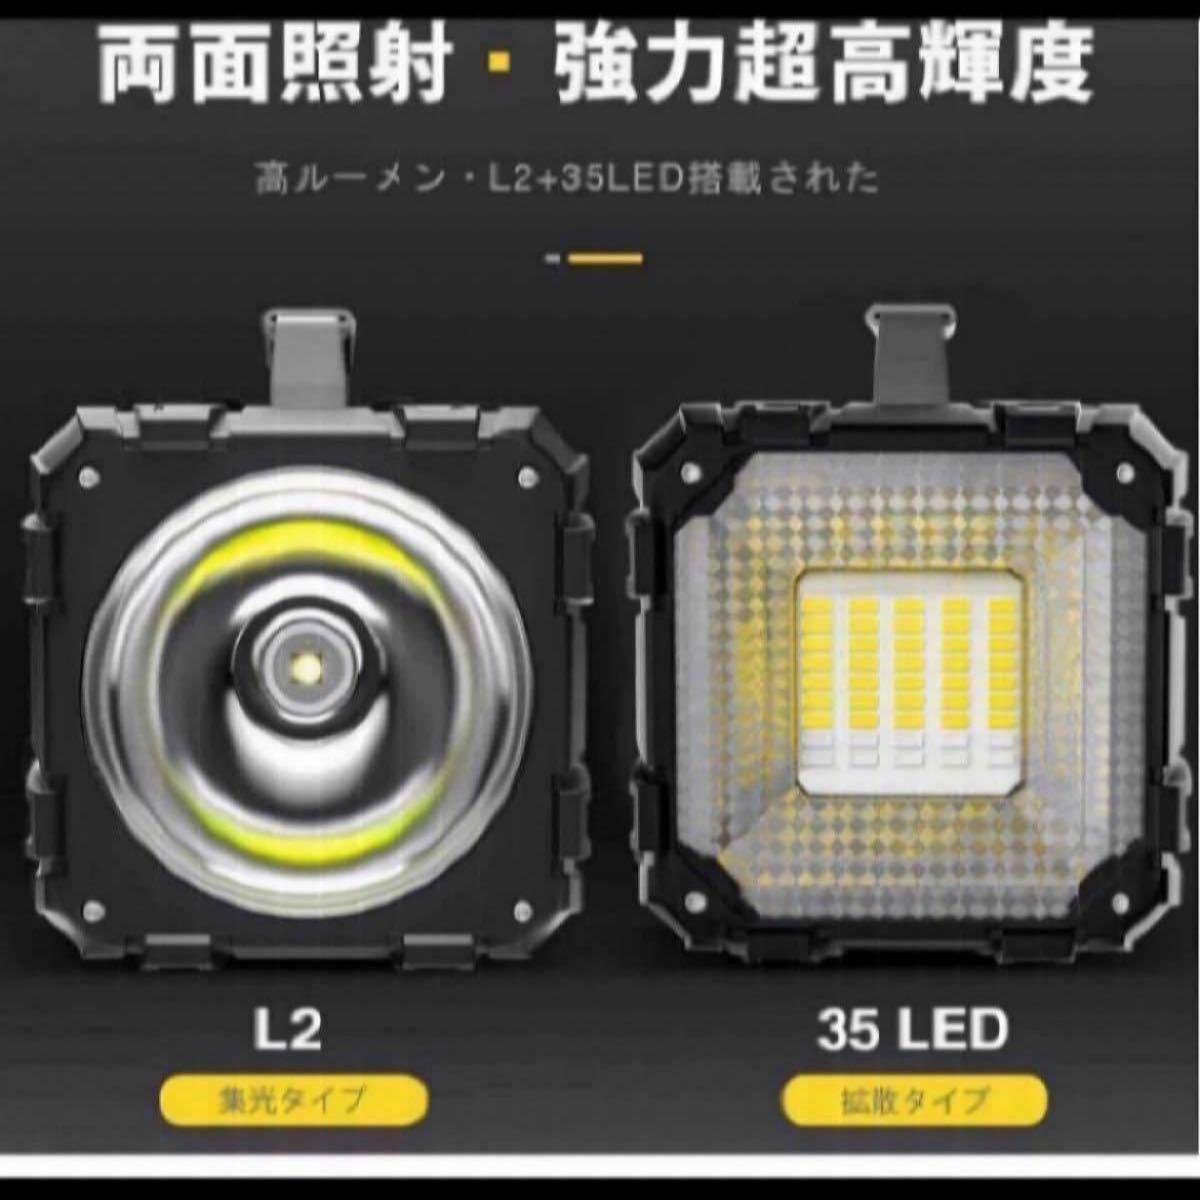 懐中電灯 led 強力 最強 超高輝度 6000ルーメンサーチライト 7モード調光 一台3役usb充電式給電 防水ハンドル付き